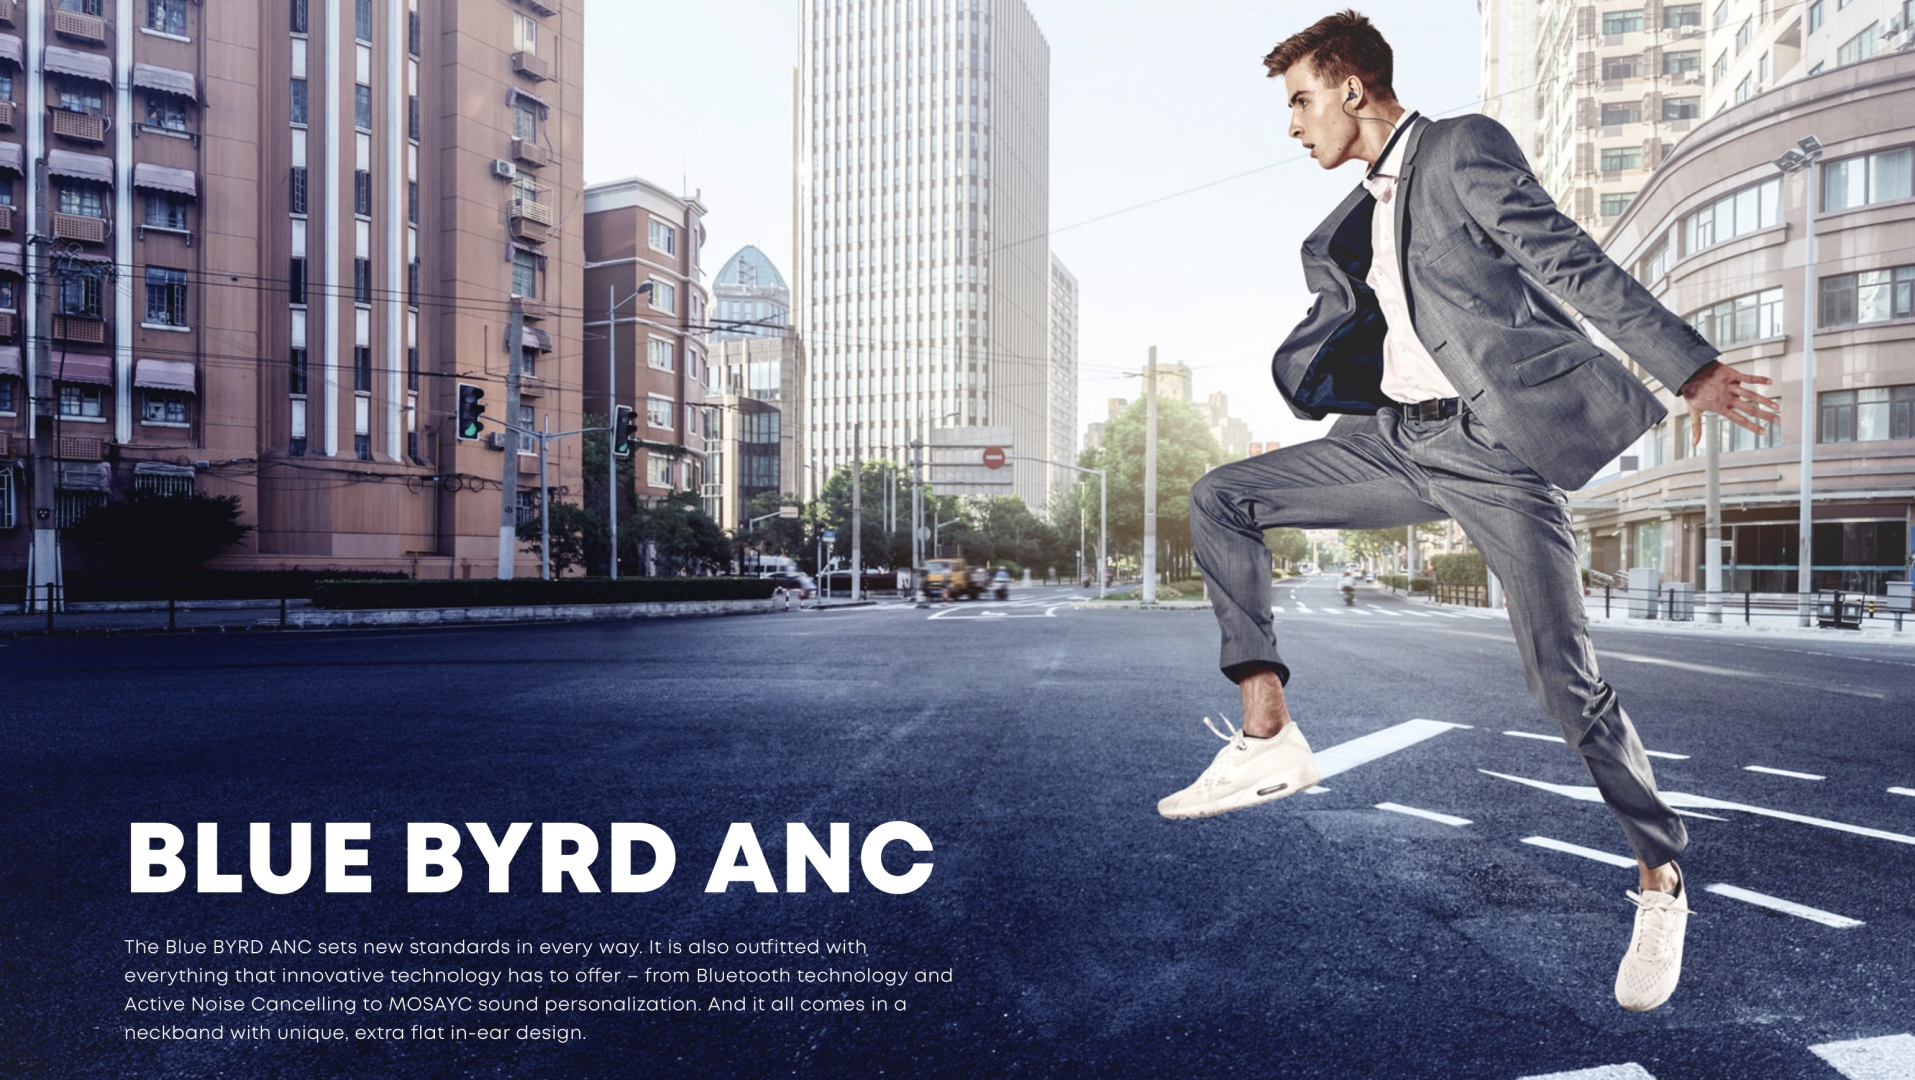 Beyerdynamic Blue Byrd ANC